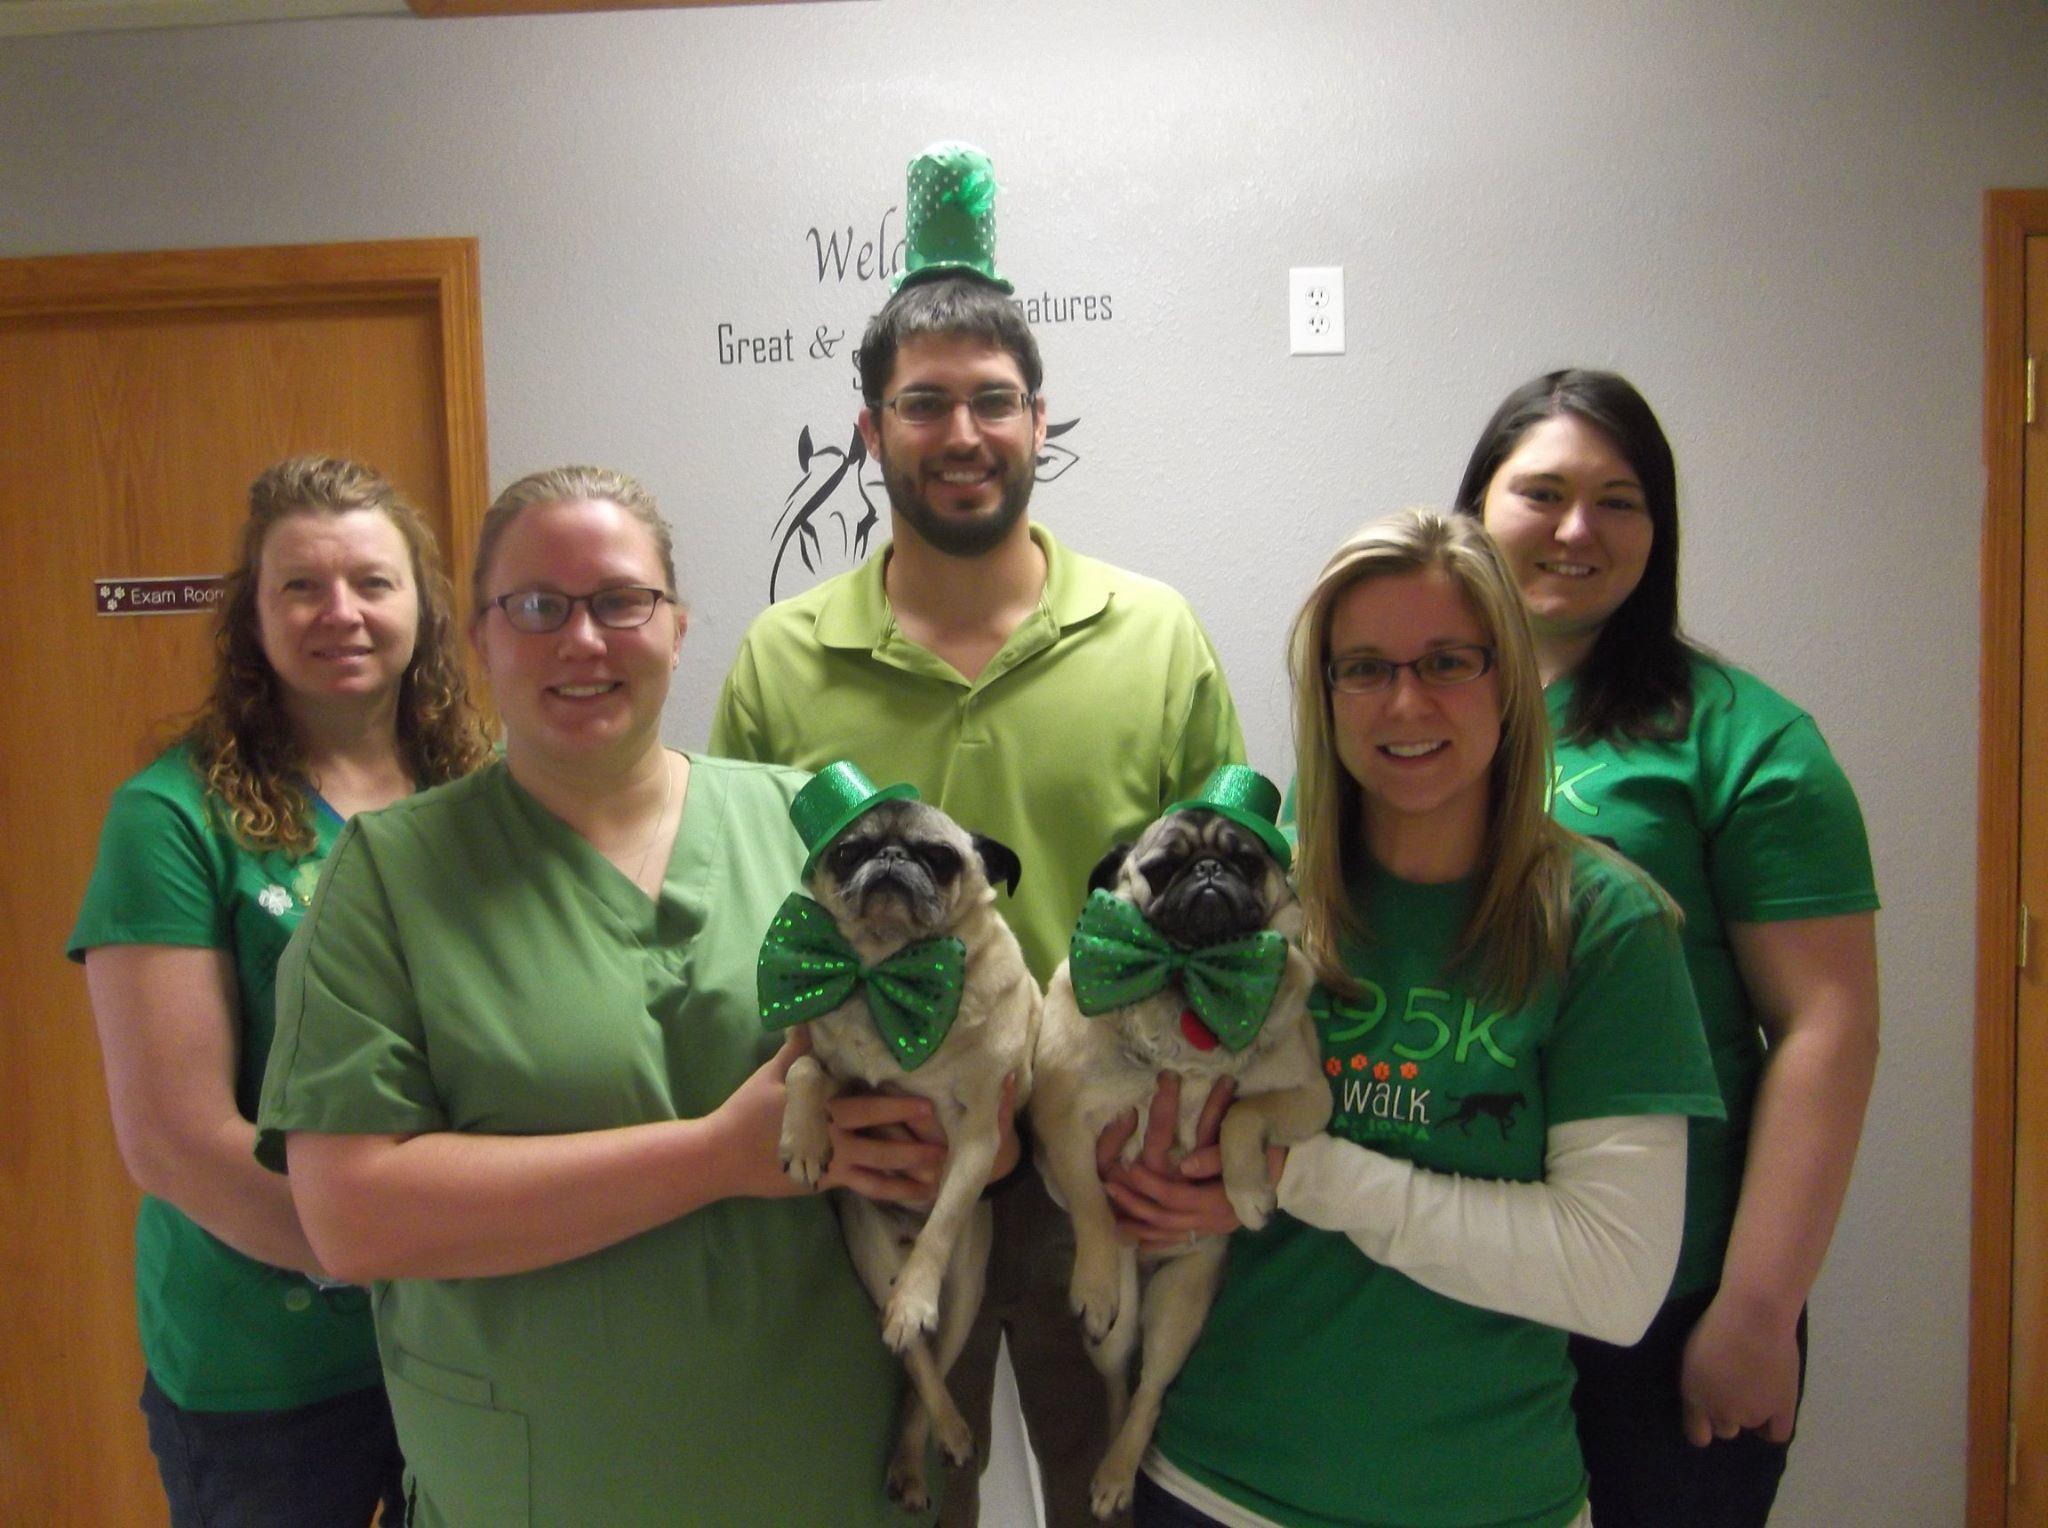 Garver's Animal Health Center image 57